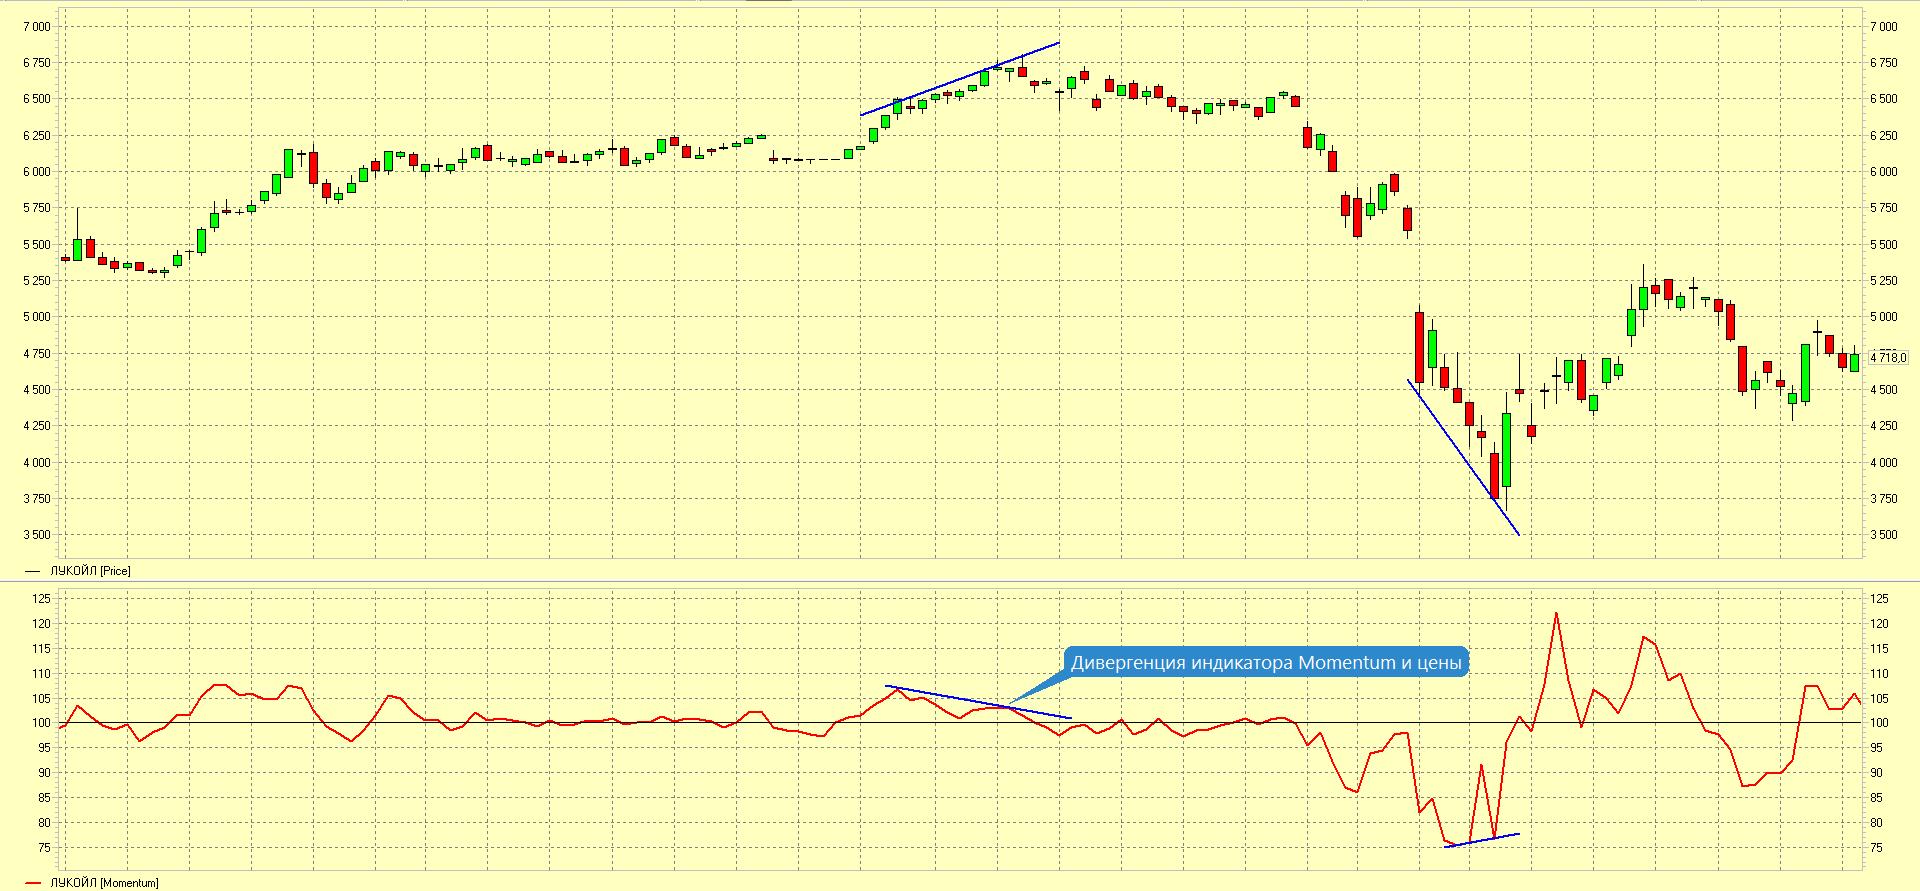 дивергенция индикатора Momentum и цены